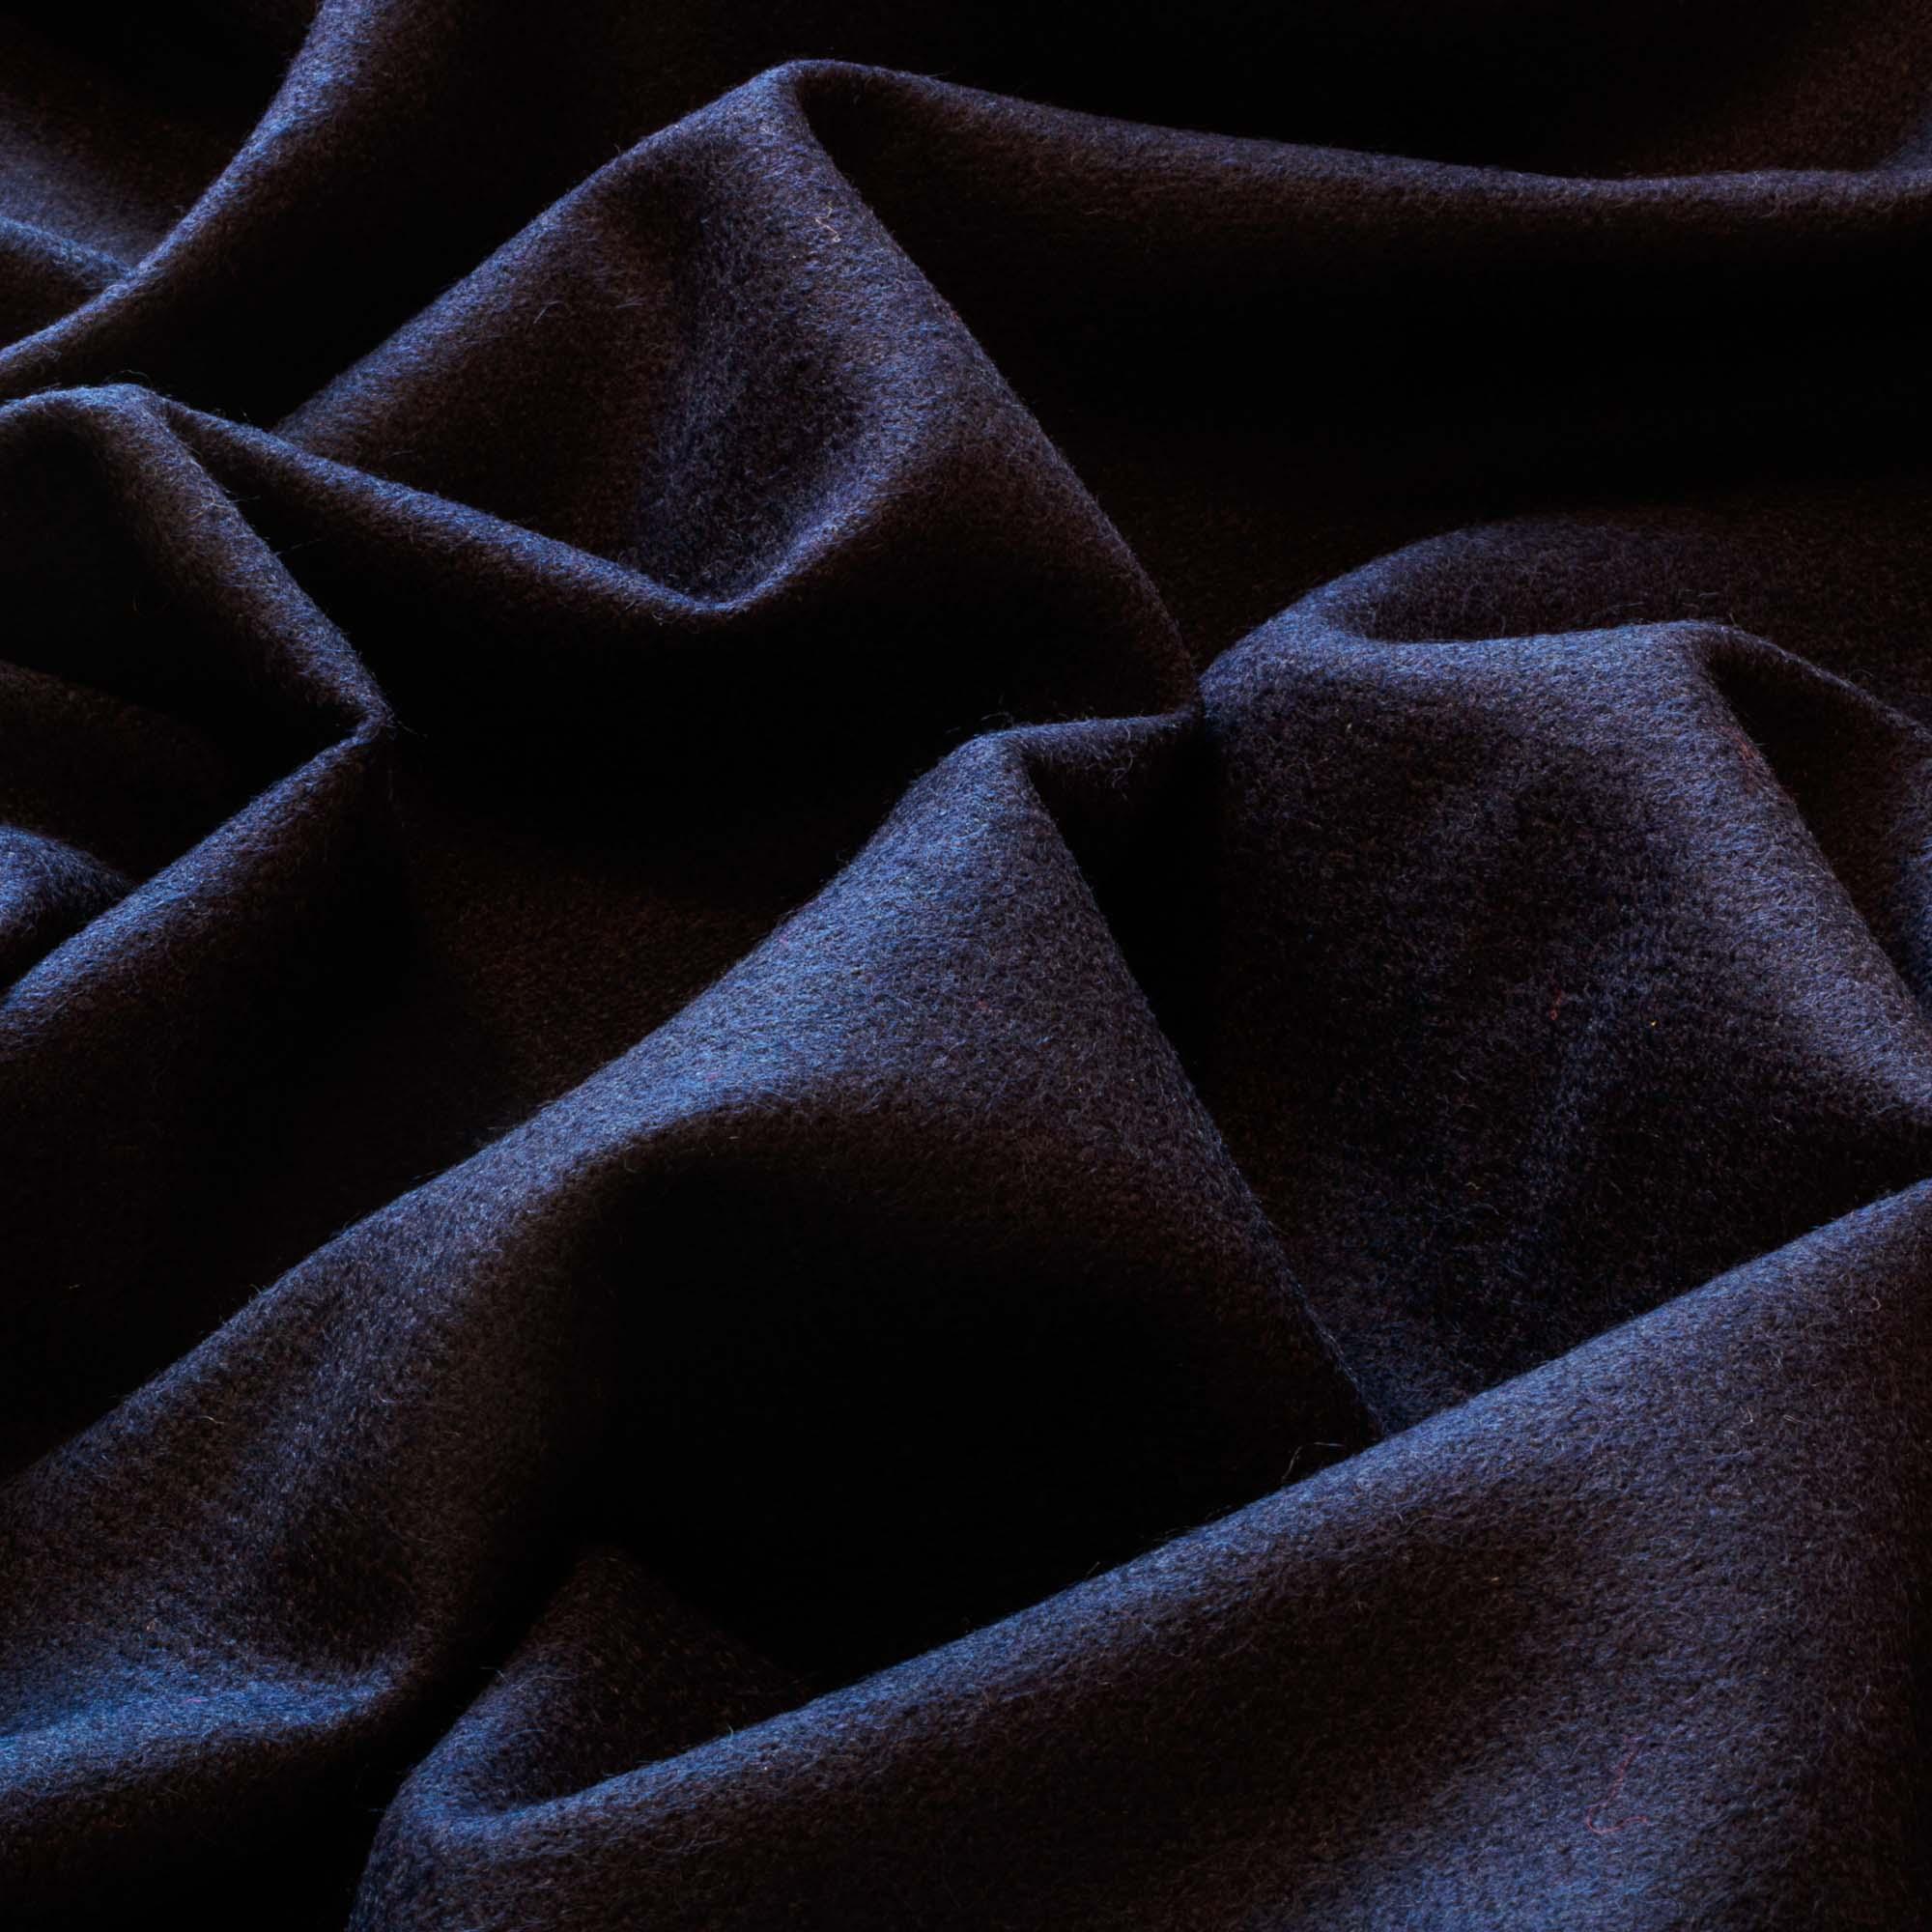 Tecido Lã Azul Marinho 100% Lã 1,40 m Largura